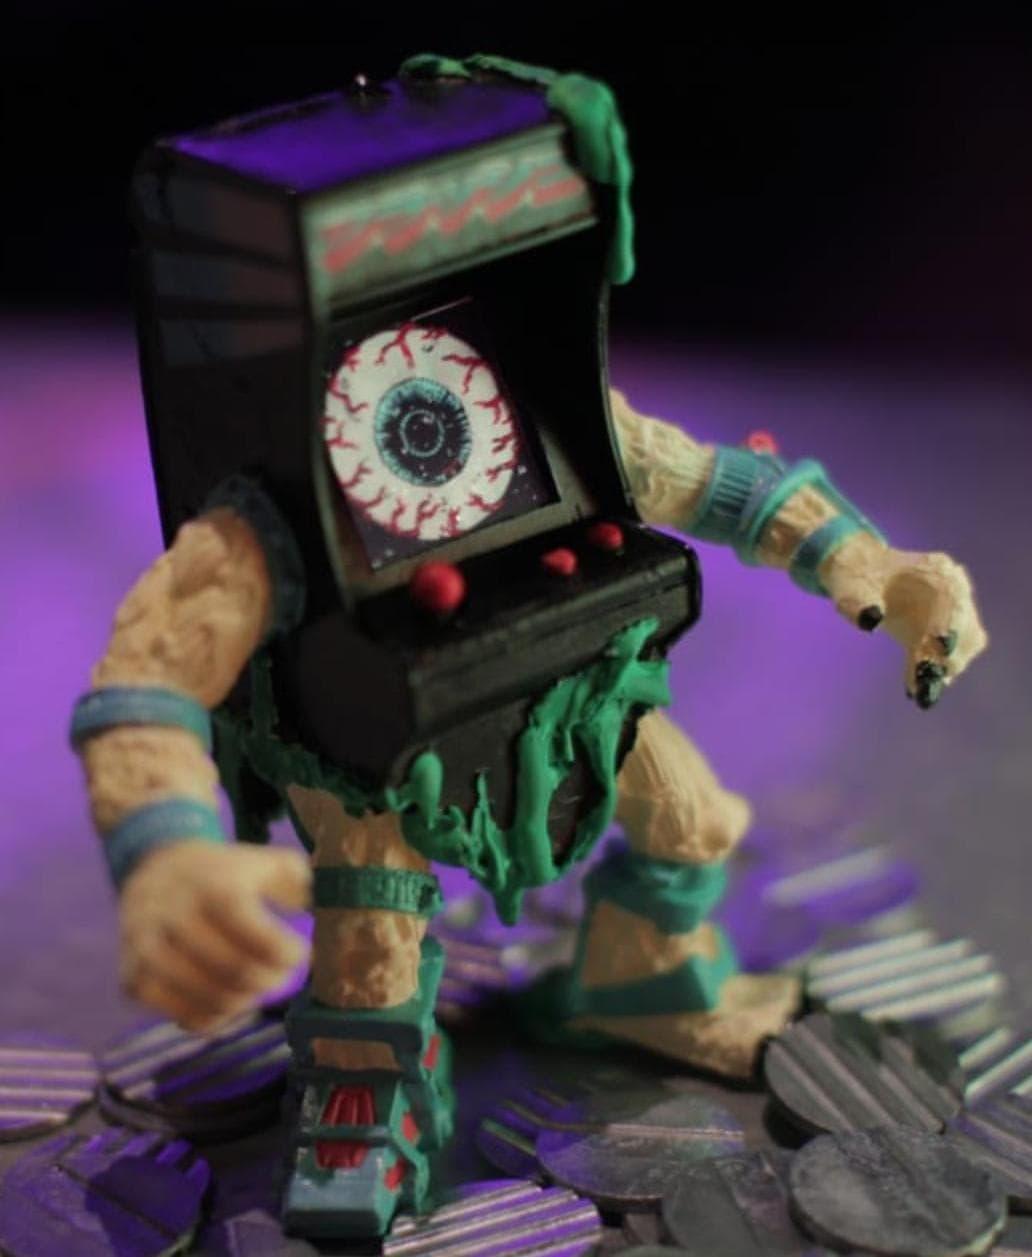 R.K.D. Arkadeath Kalaka Toys Bar El Destello Art Toy